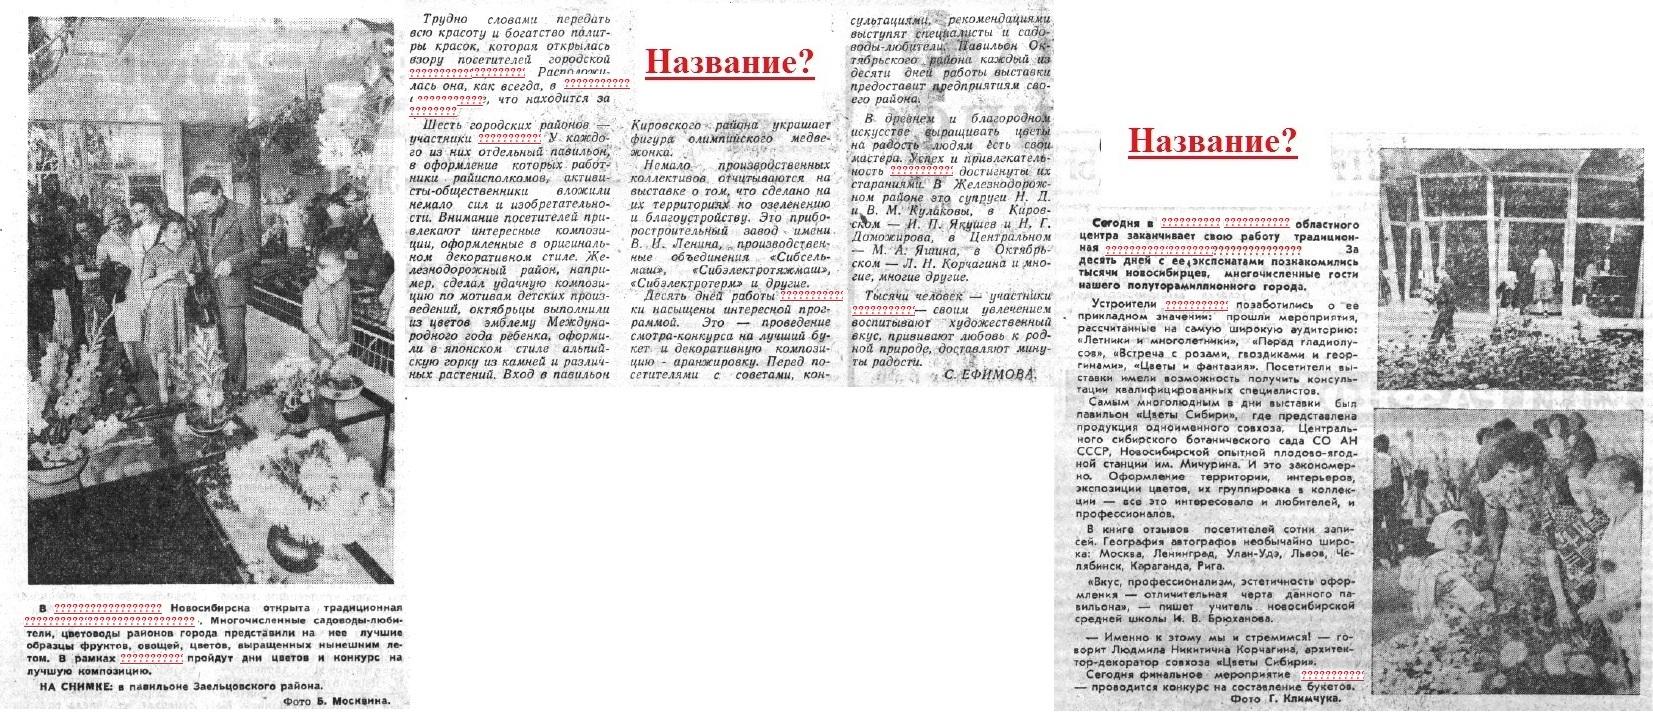 http://images.vfl.ru/ii/1590501883/7b886a0a/30626474.jpg